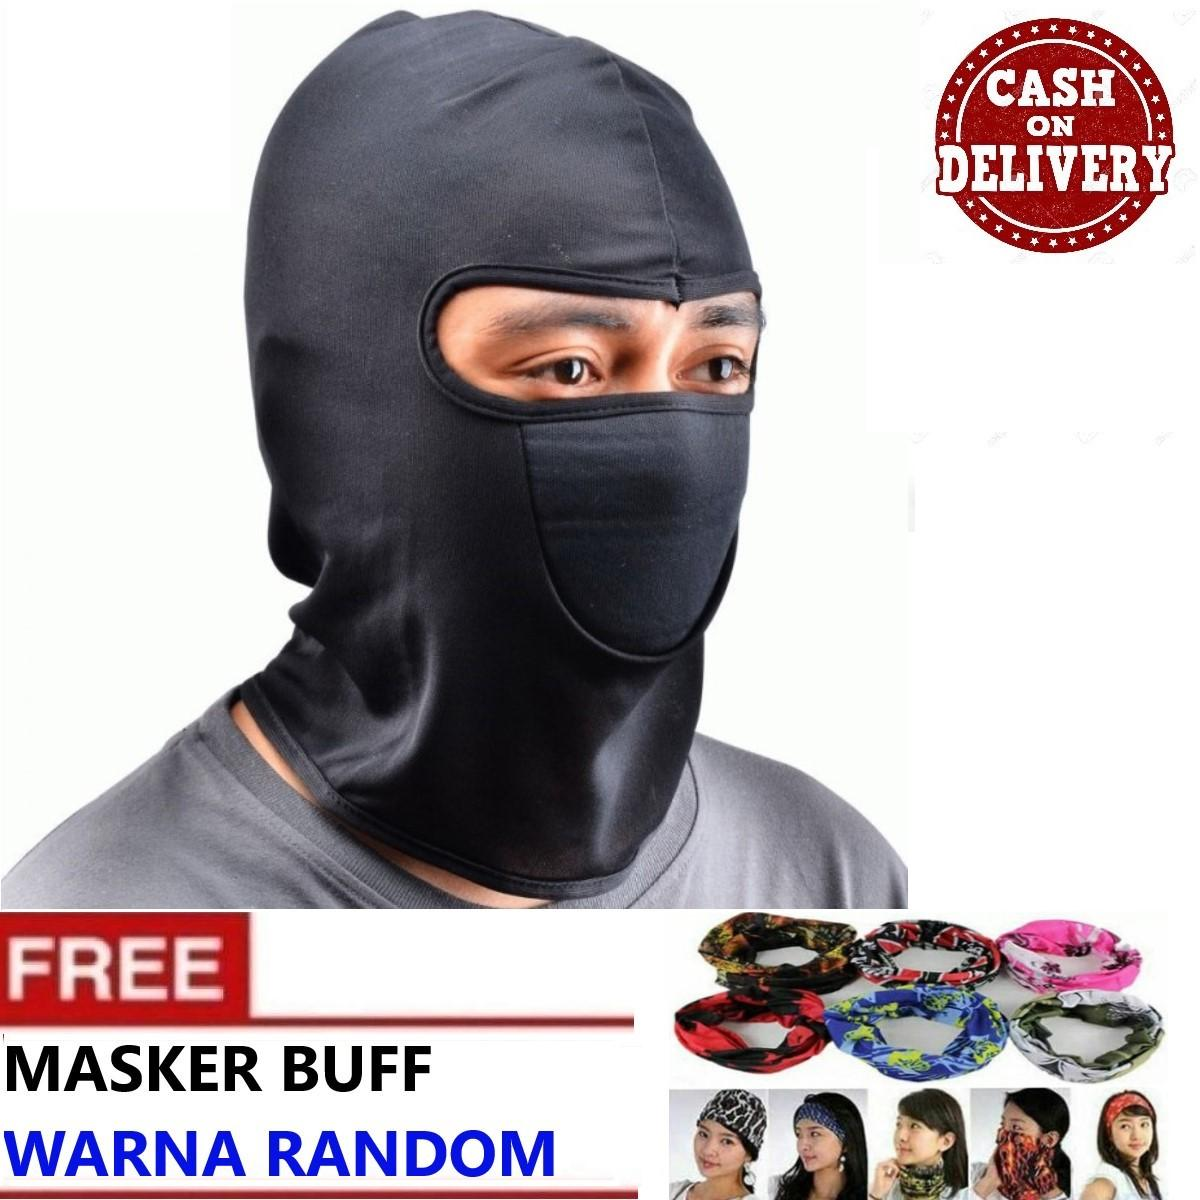 Masker Balaclava Ninja Motor + FREE Masker Bandana Serbaguna - 5 STAR